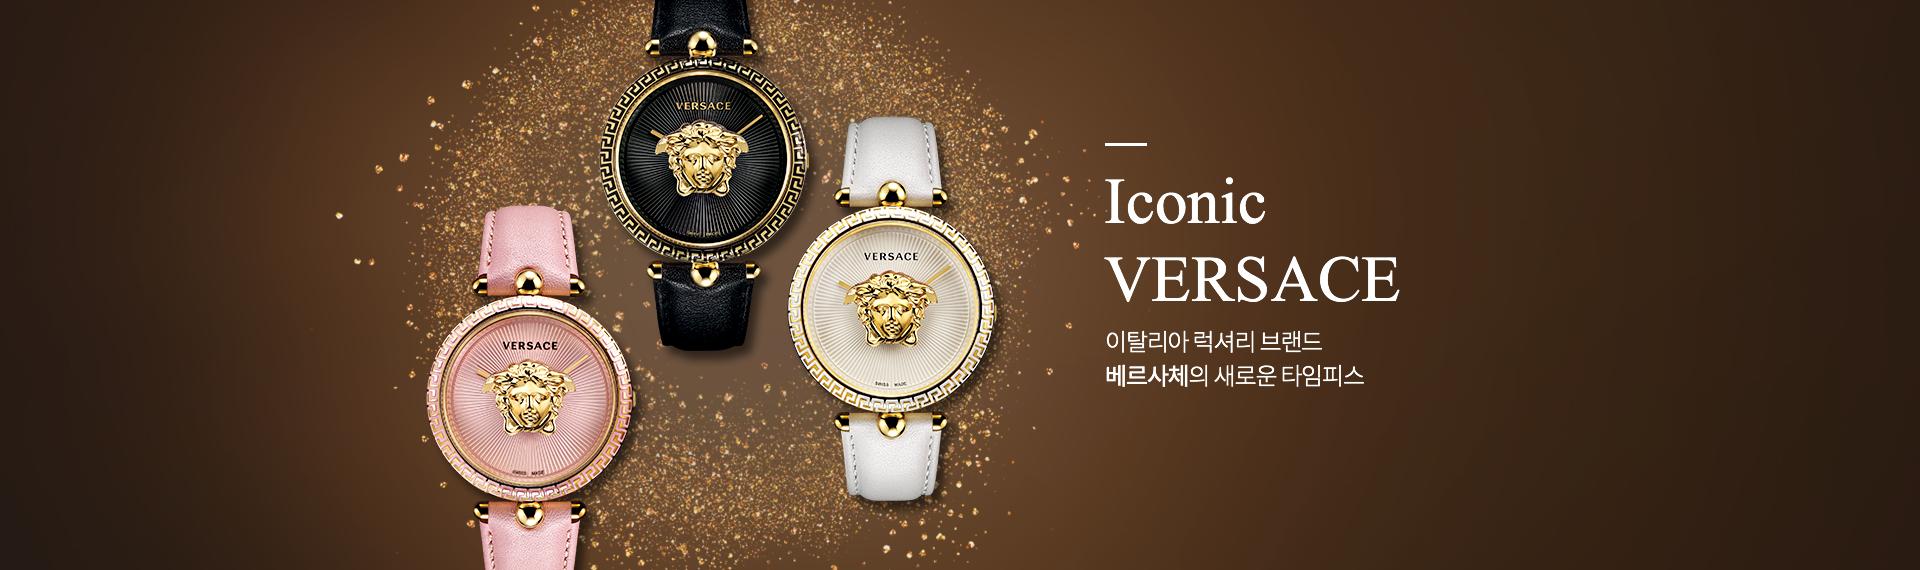 iconic Versace